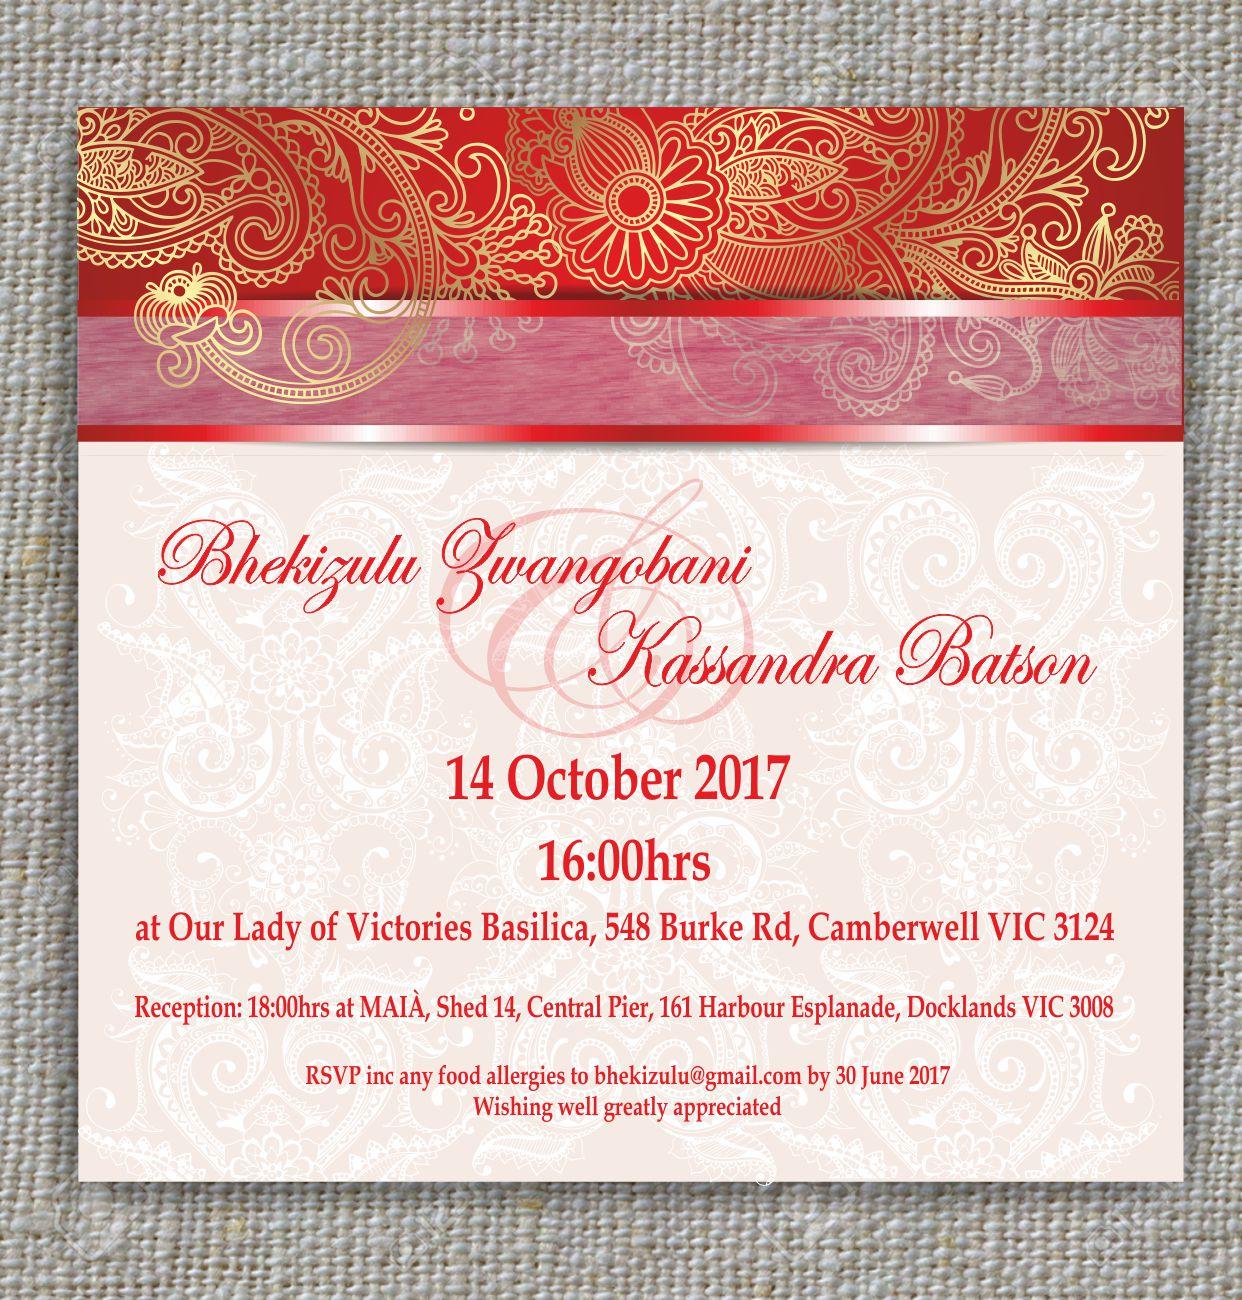 Elegant modern wedding invitation design for a company by inesero elegant modern wedding invitation design for a company in australia design 12668153 stopboris Images